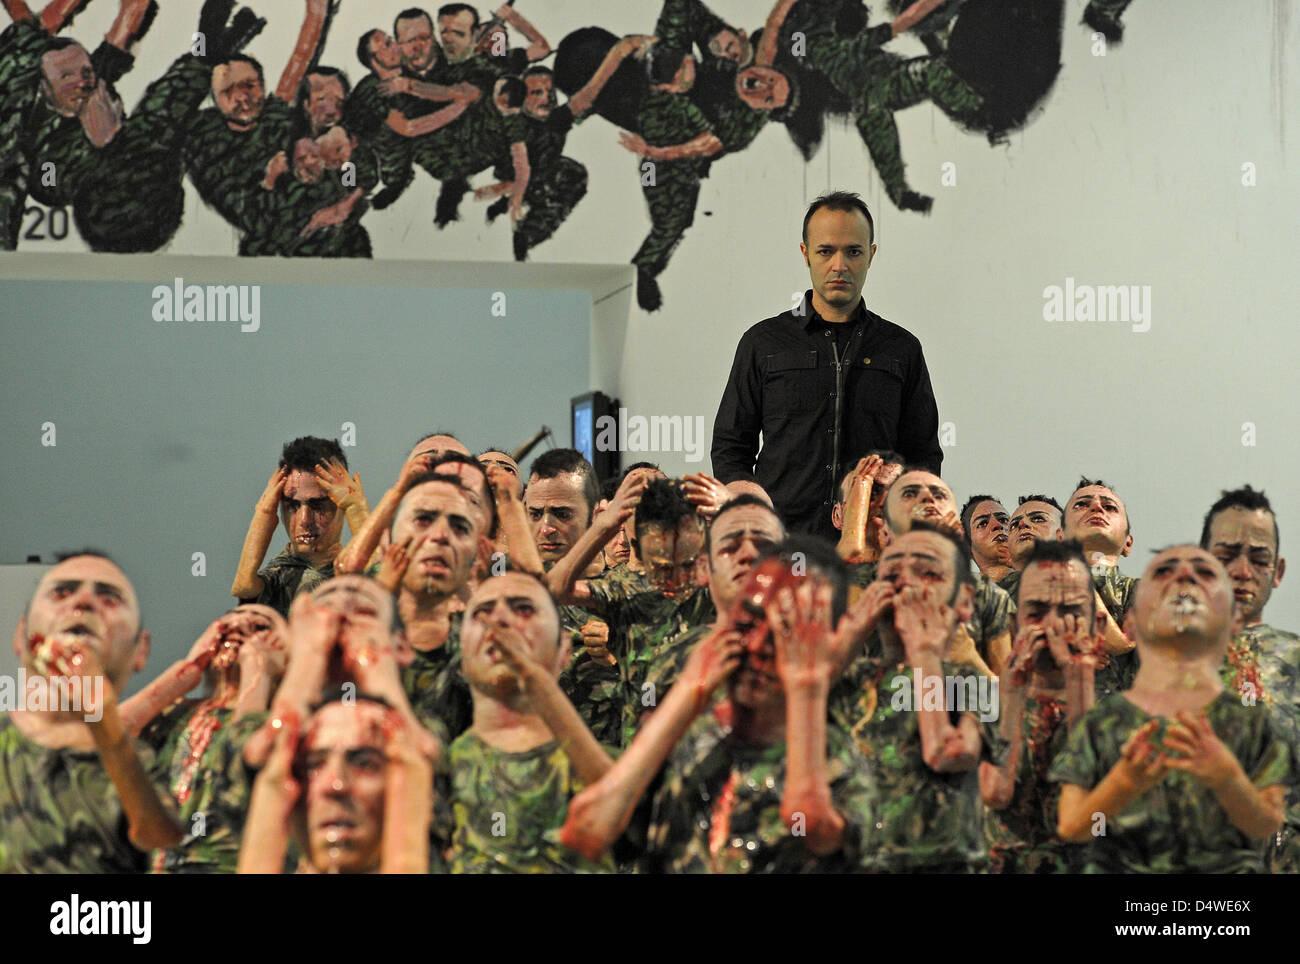 """Artista Enrique Marty è raffigurato con la sua scultura """"fanatici 80', i quali hanno tutti il volto Immagini Stock"""